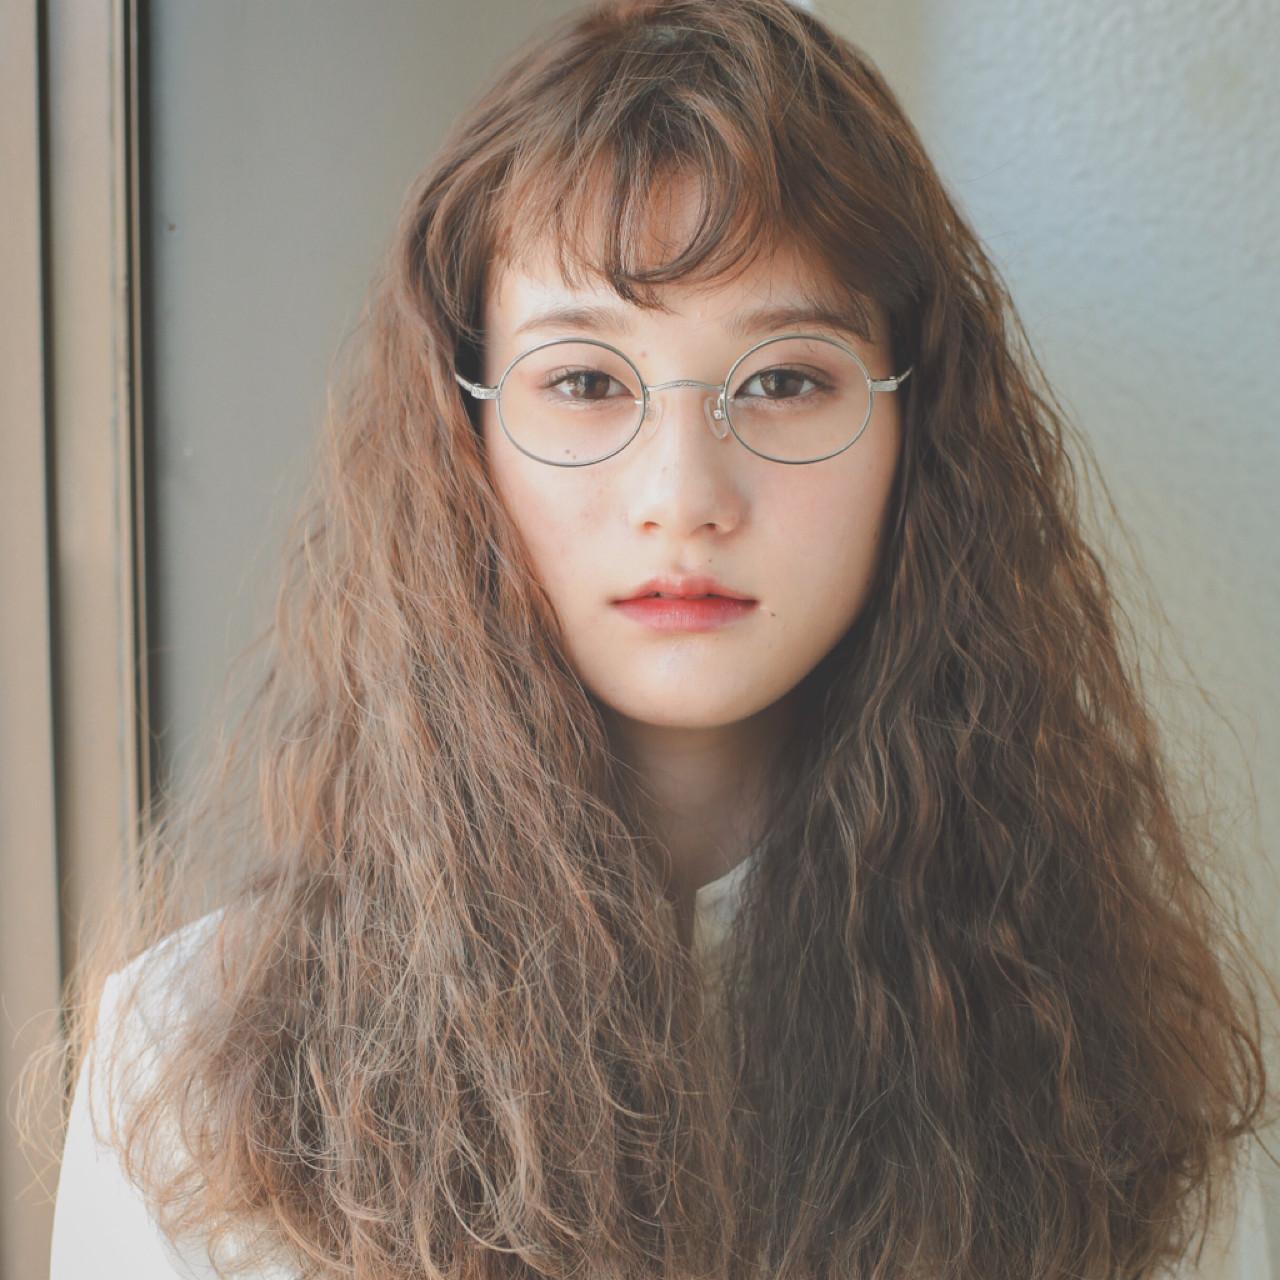 前髪あり ガーリー ソバージュ フリンジバング ヘアスタイルや髪型の写真・画像